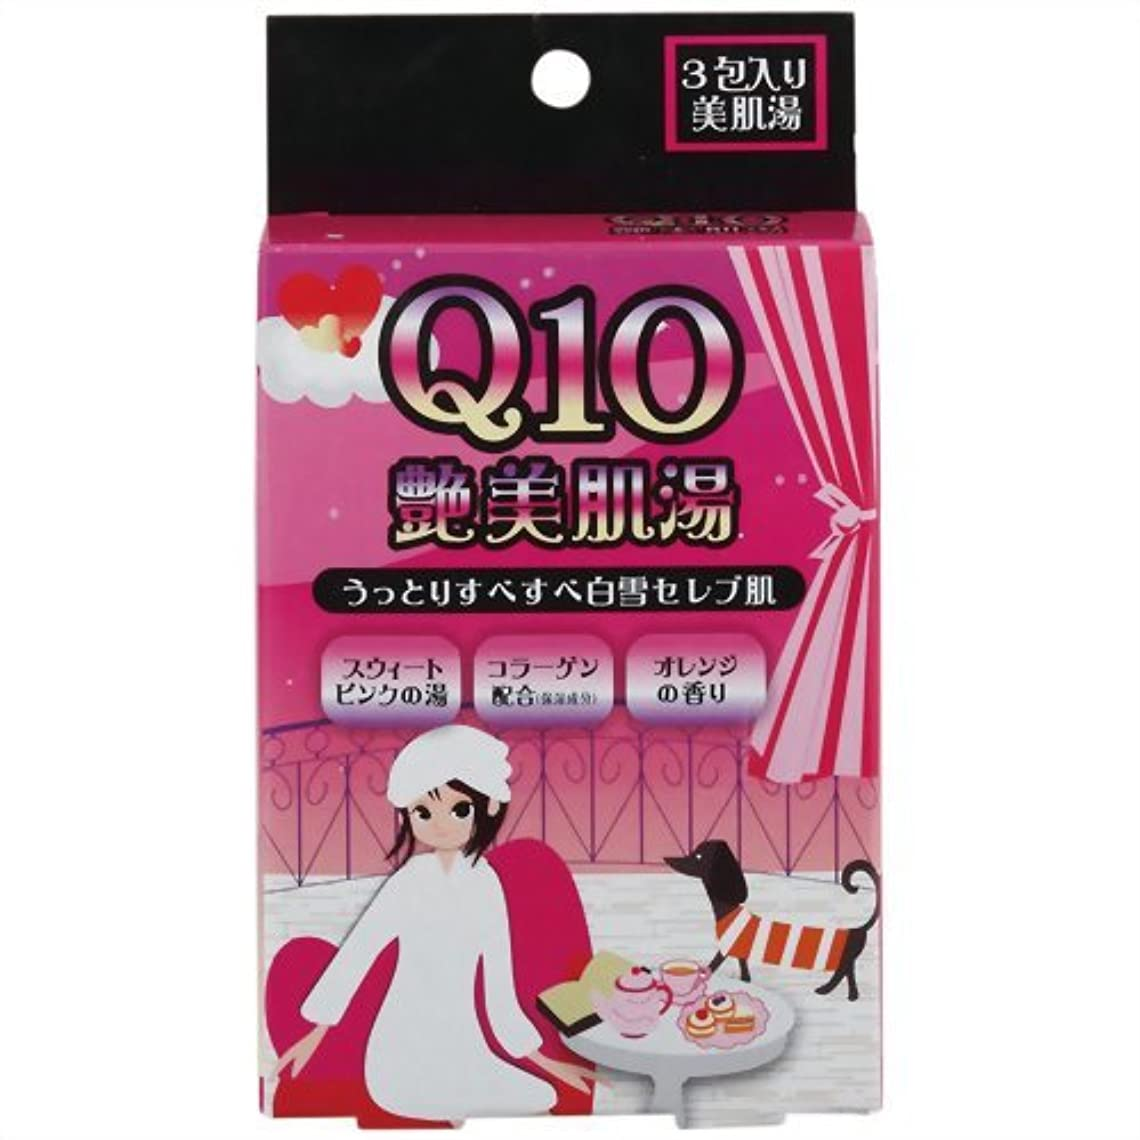 残酷な小切手崇拝します紀陽除虫菊 Q10 艶美肌湯 (オレンジの香り)【まとめ買い10個セット】 N-8370